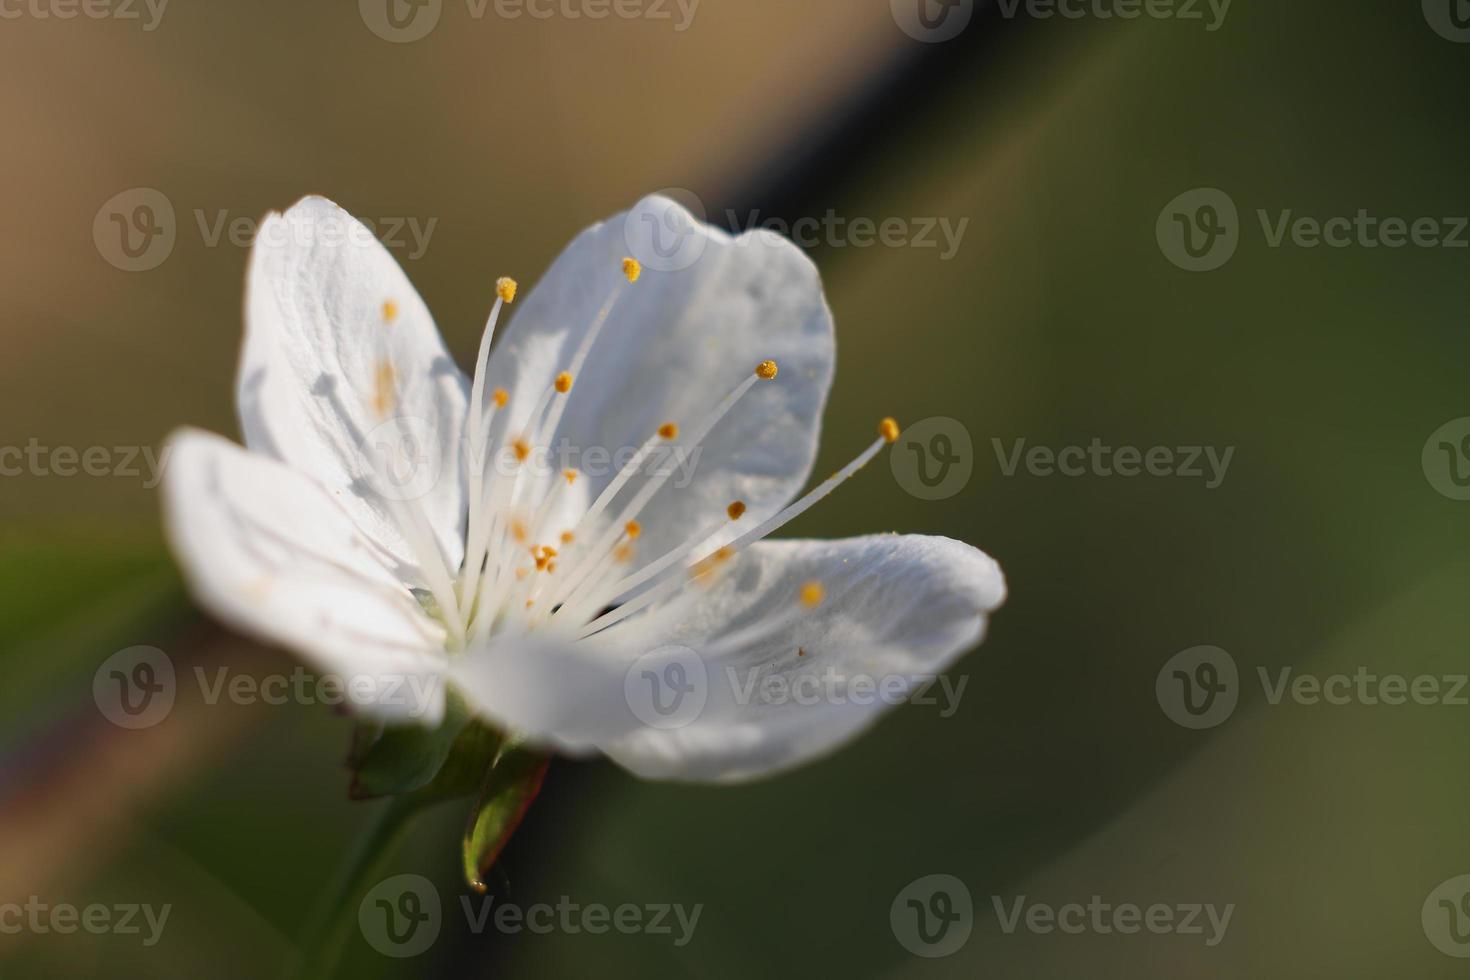 appelboom bloemen-lente boom bloemen foto